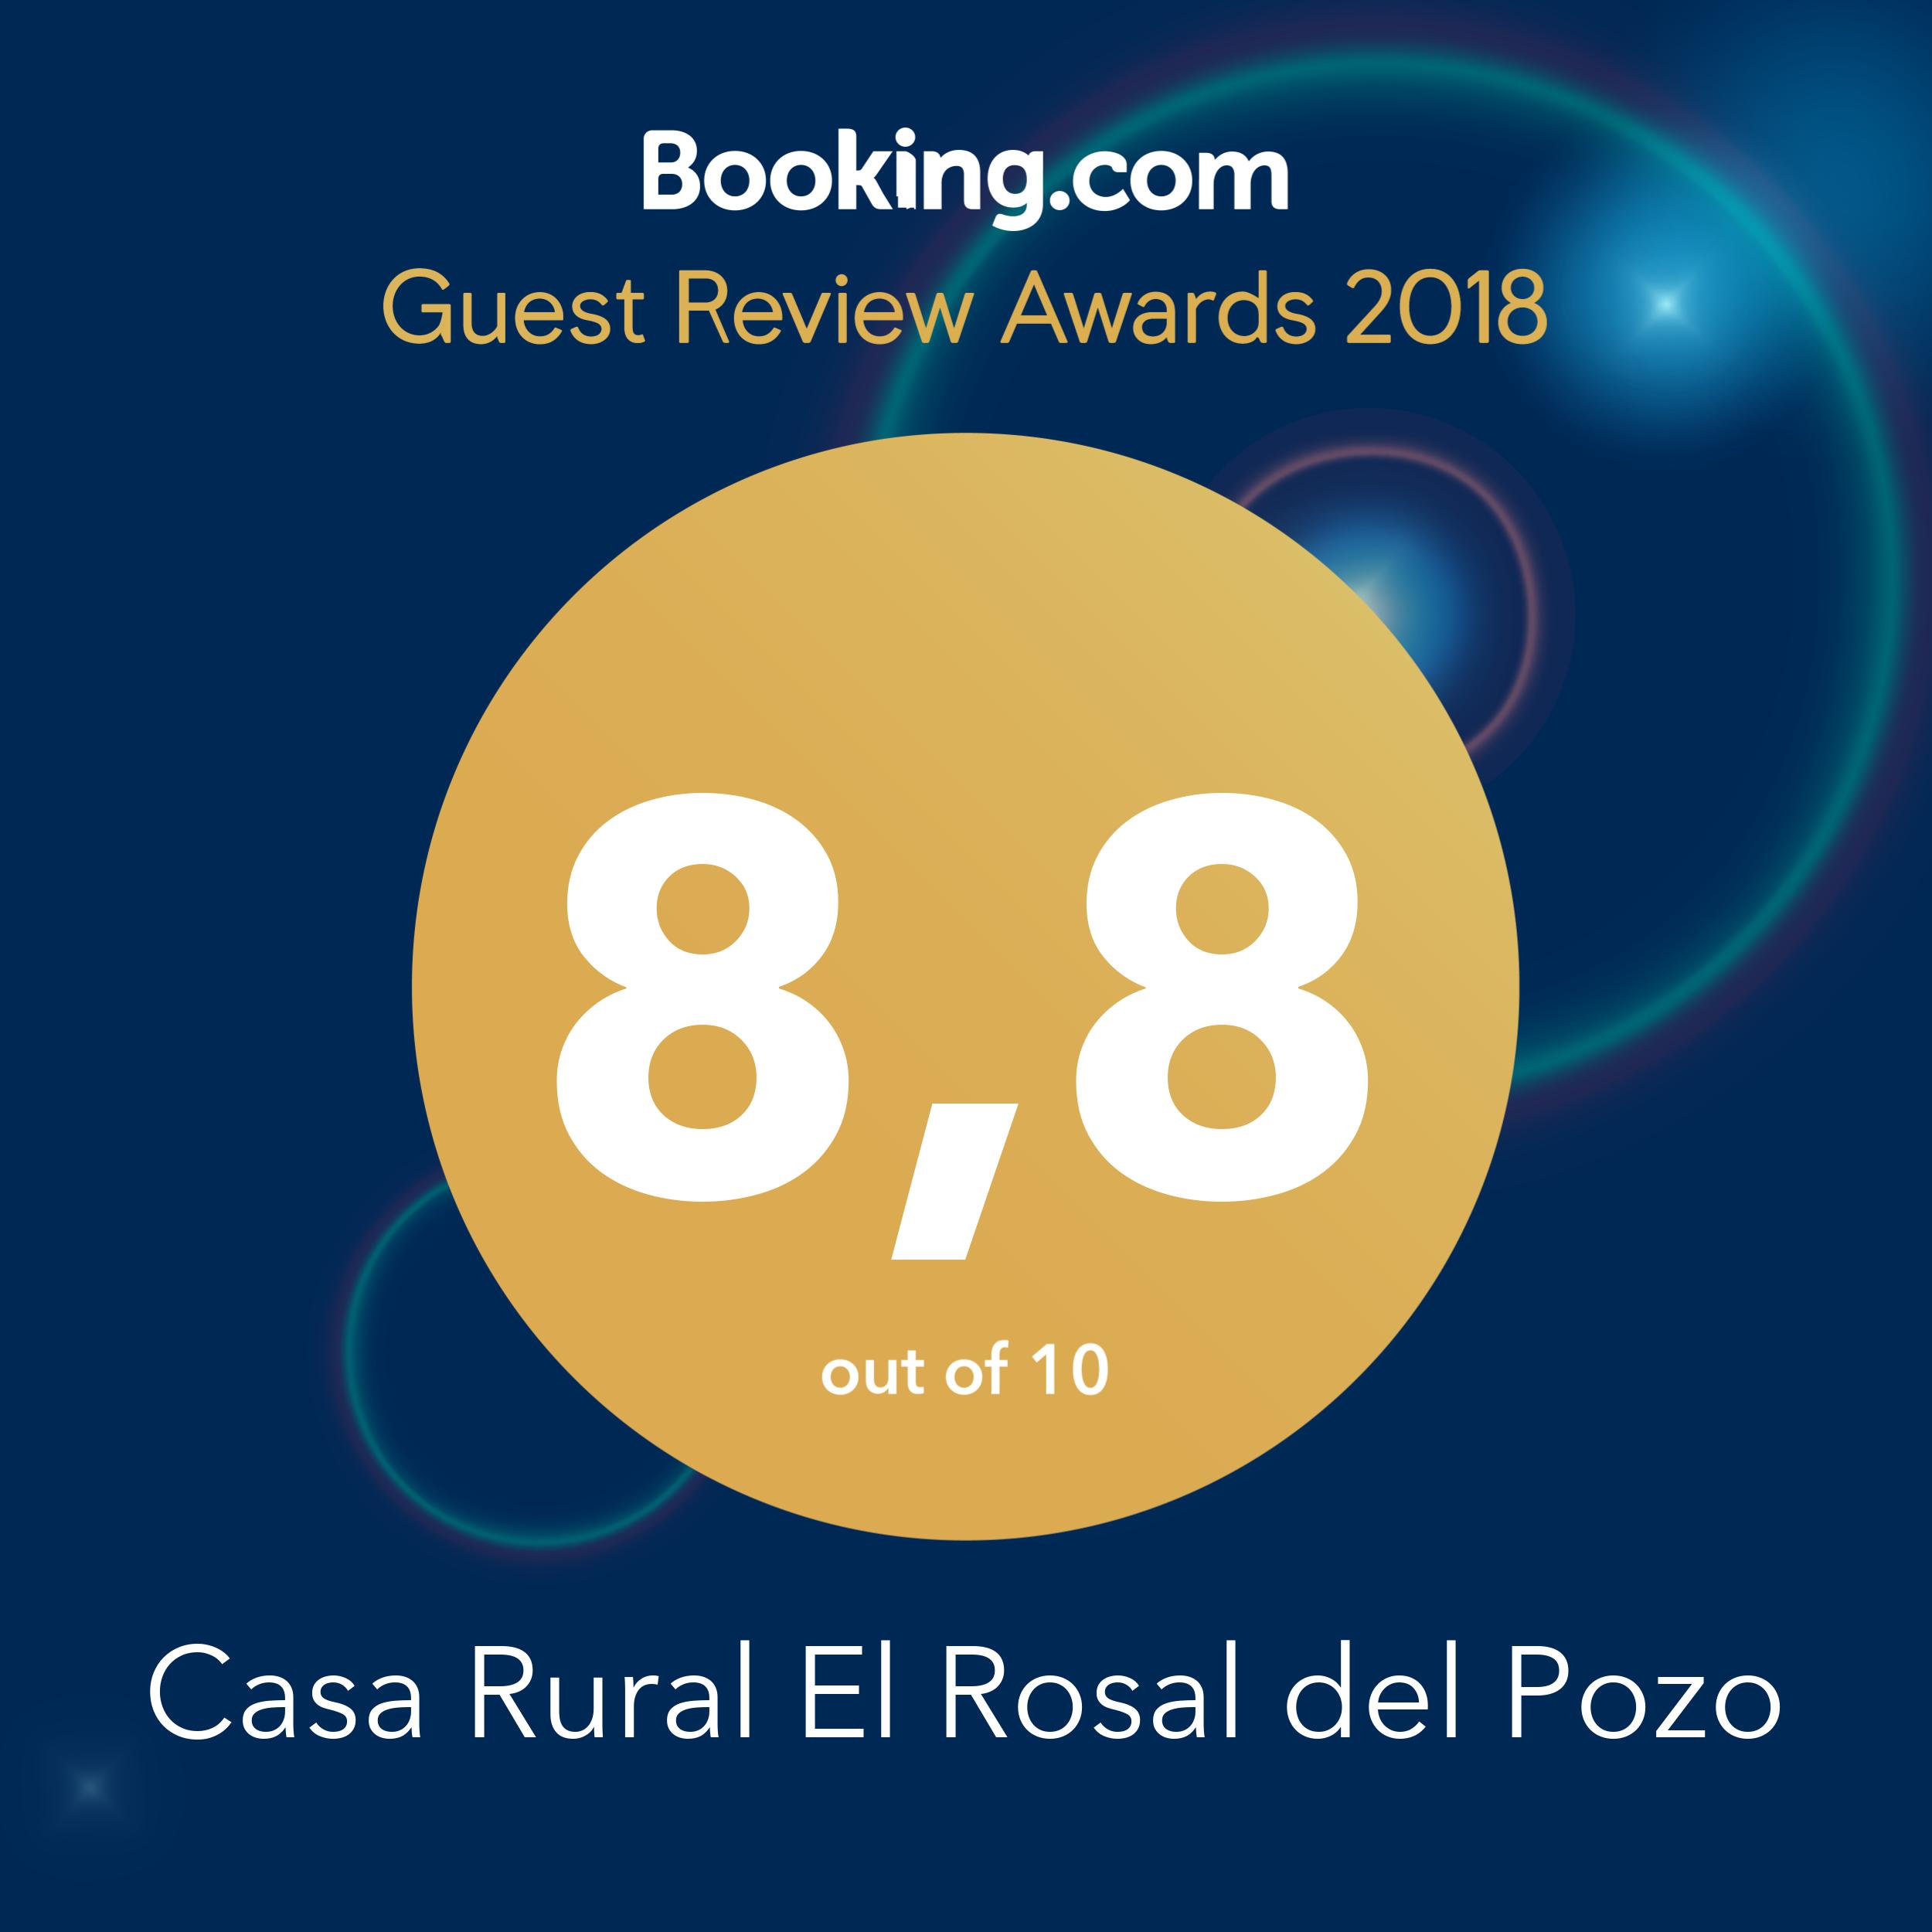 Tenemos el placer de compartir con vosotros el premio Guest Review Award de 2018 🤗 #ElRosalDelPozo #GuestsLoveUs